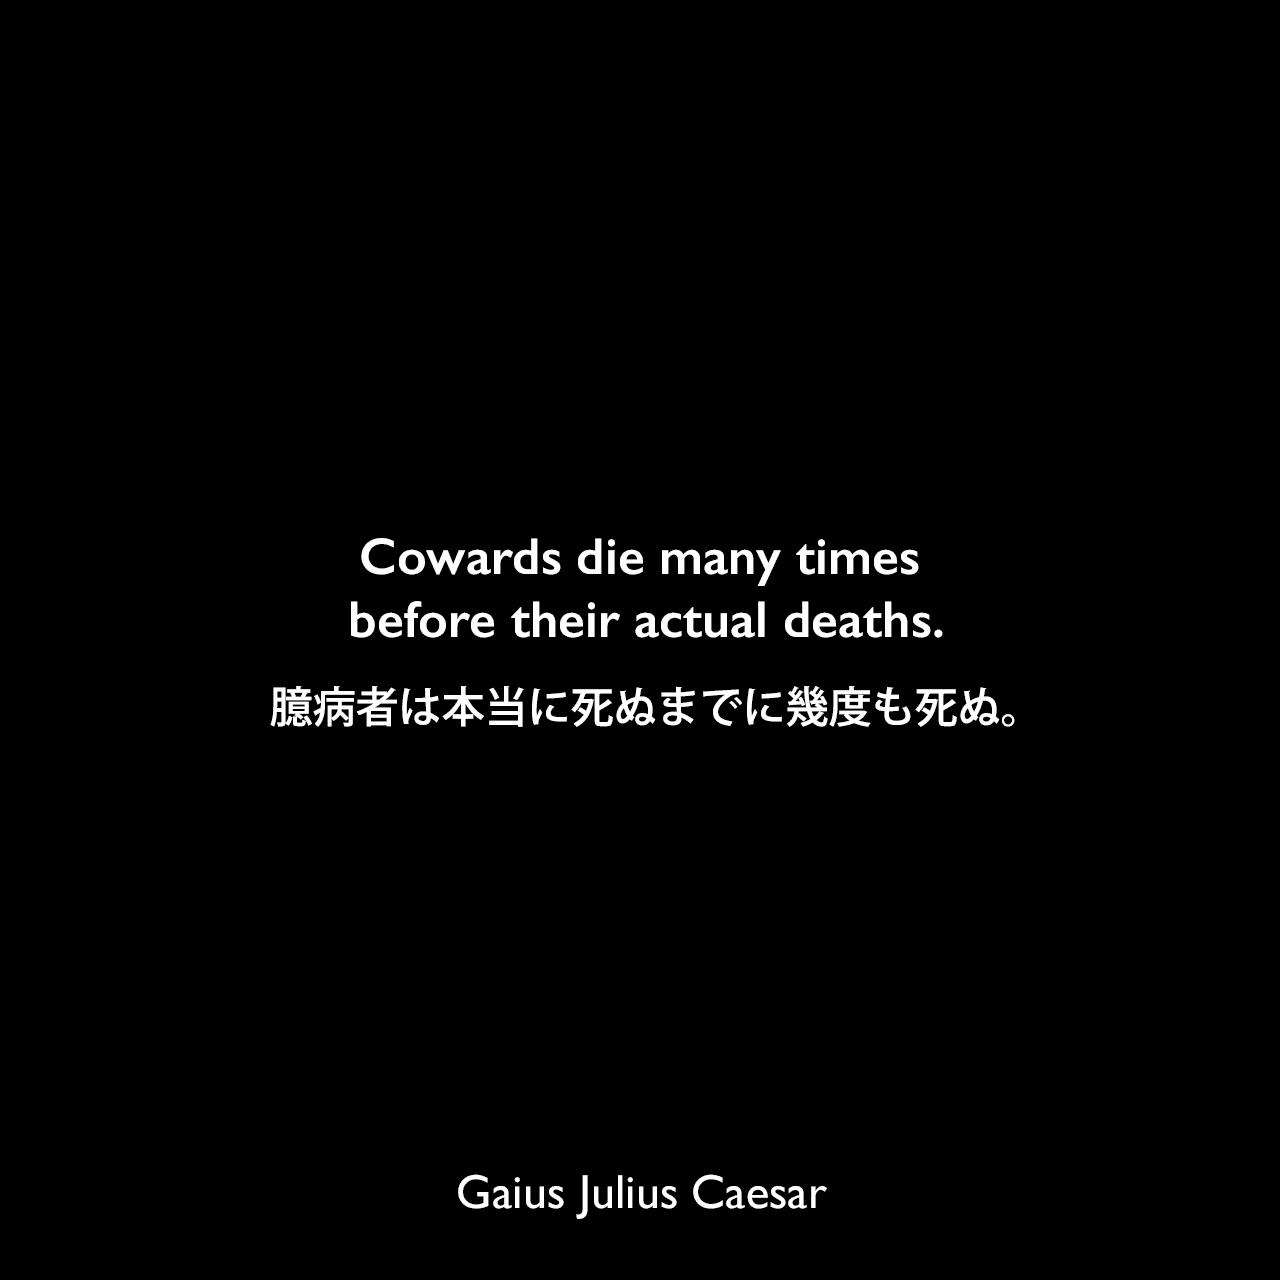 Cowards die many times before their actual deaths.臆病者は本当に死ぬまでに幾度も死ぬ。(シェイクスピア作「ジュリアス・シーザー」のセリフ)Gaius Julius Caesar